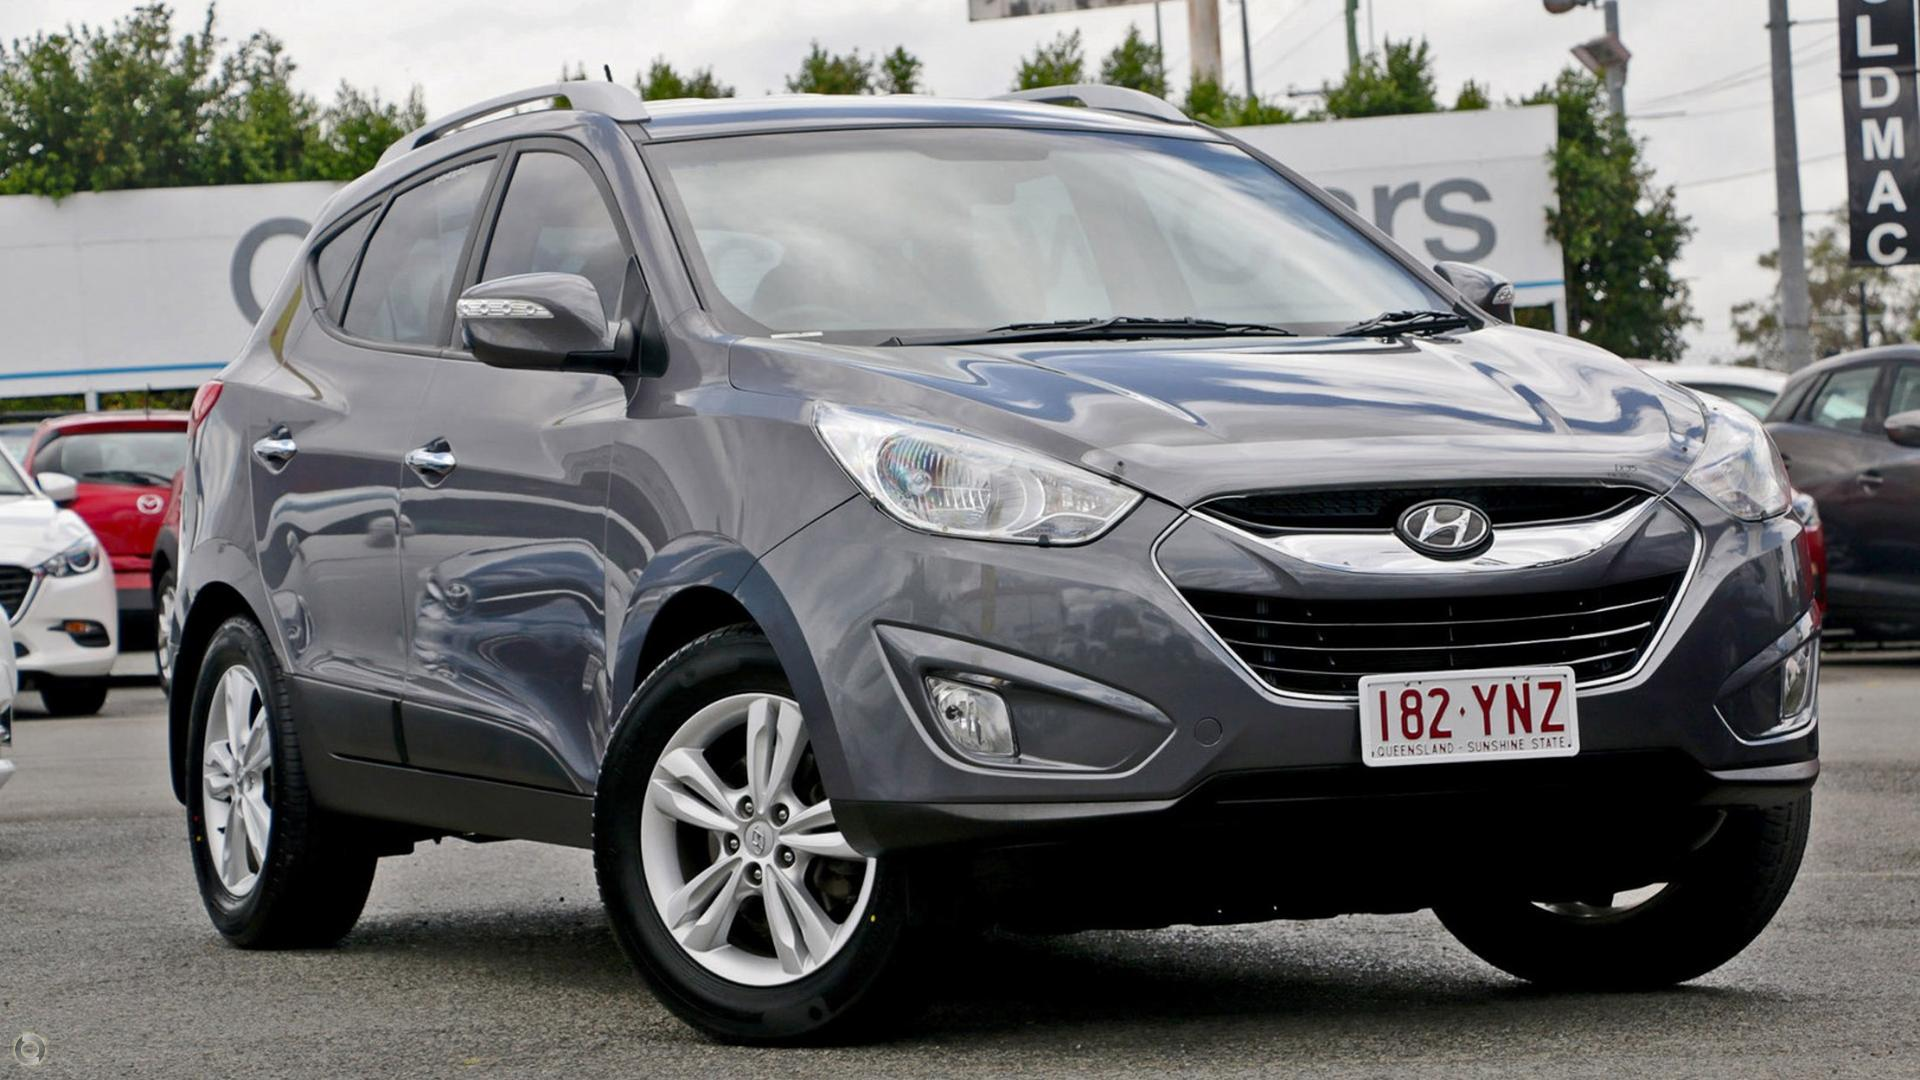 2012 Hyundai Ix35 Elite